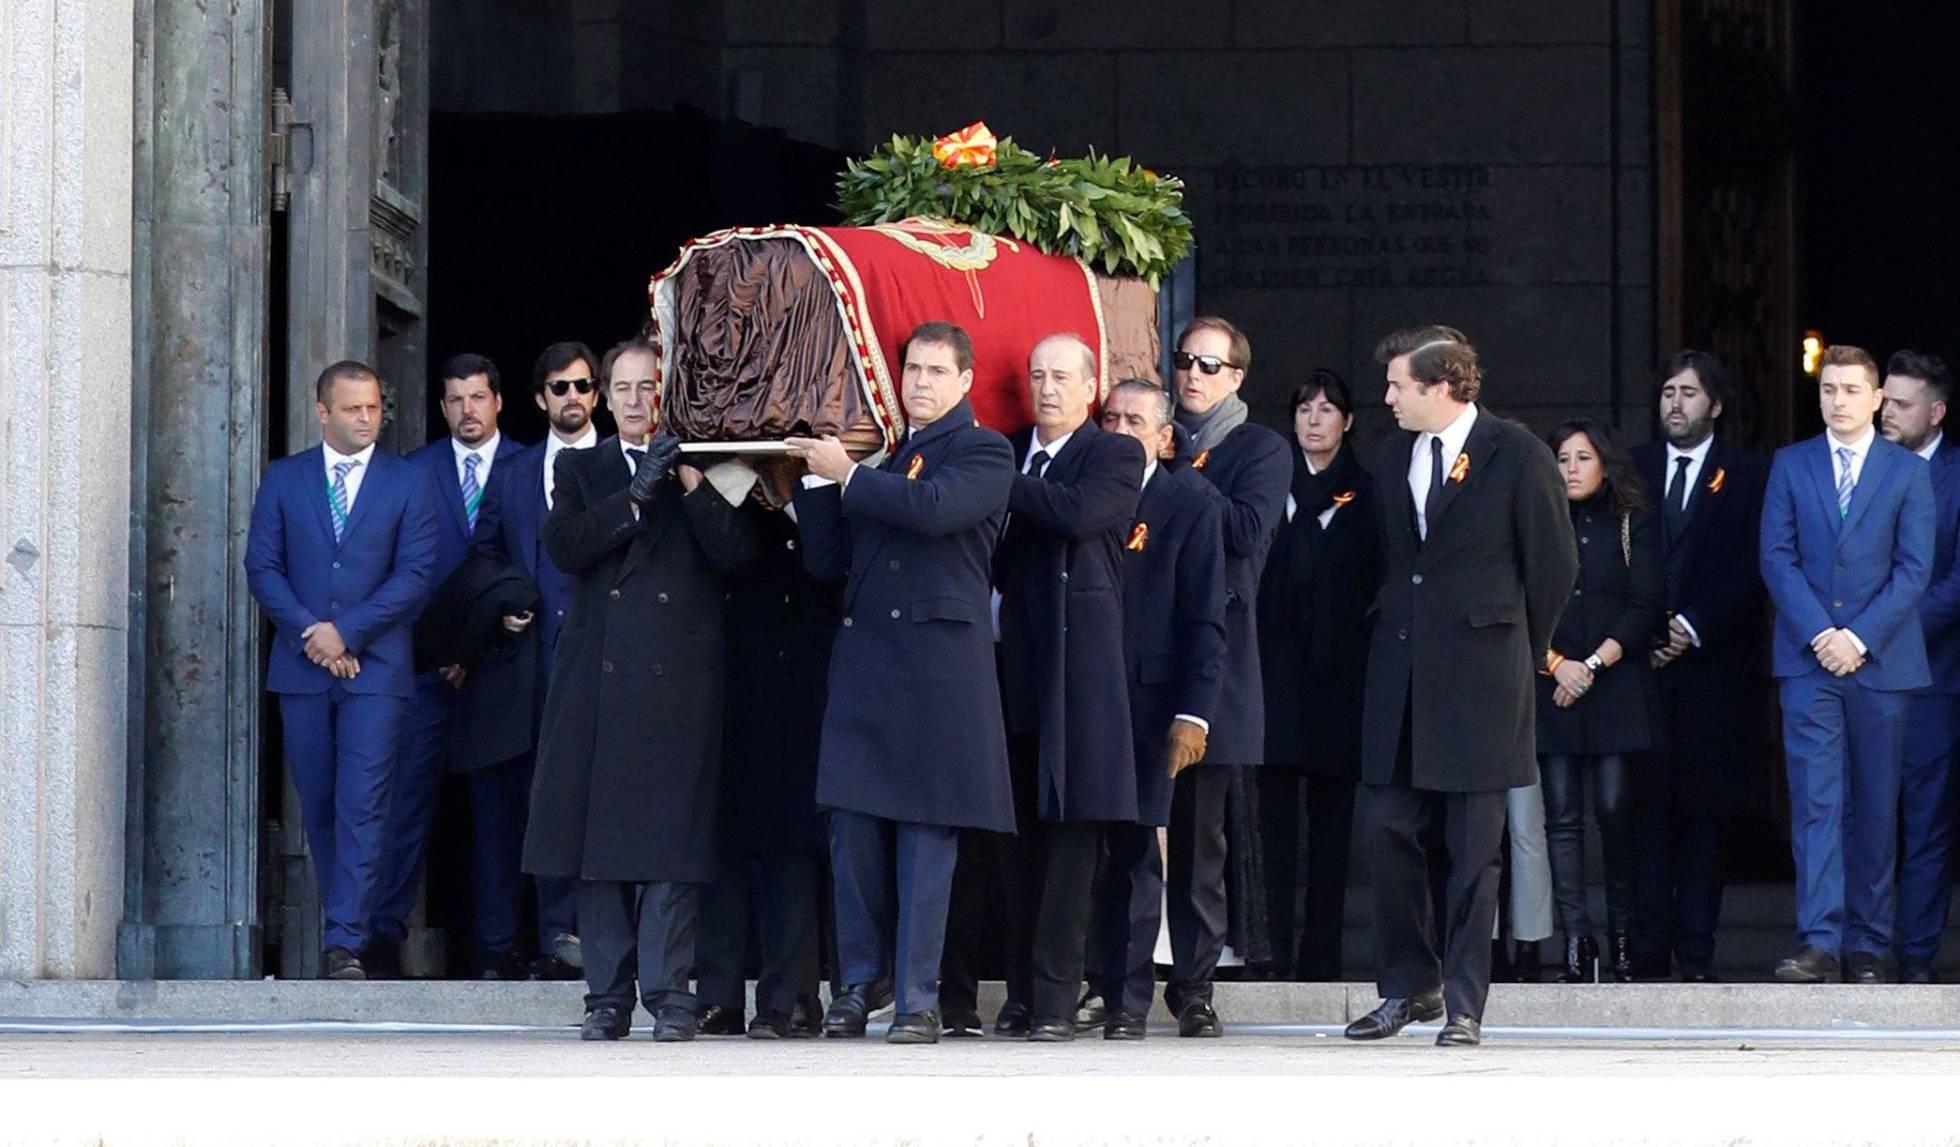 Exhumado Franco: Los restos del dictador ya no estarán con las víctimas que él mismo mandó a torturar